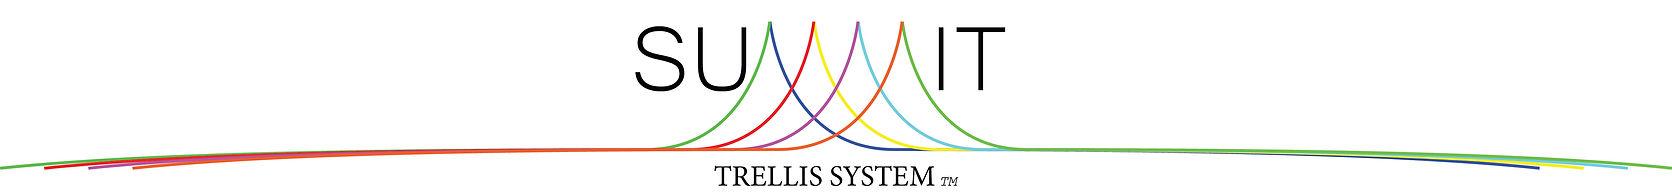 Still Water Designs Summit Trells System